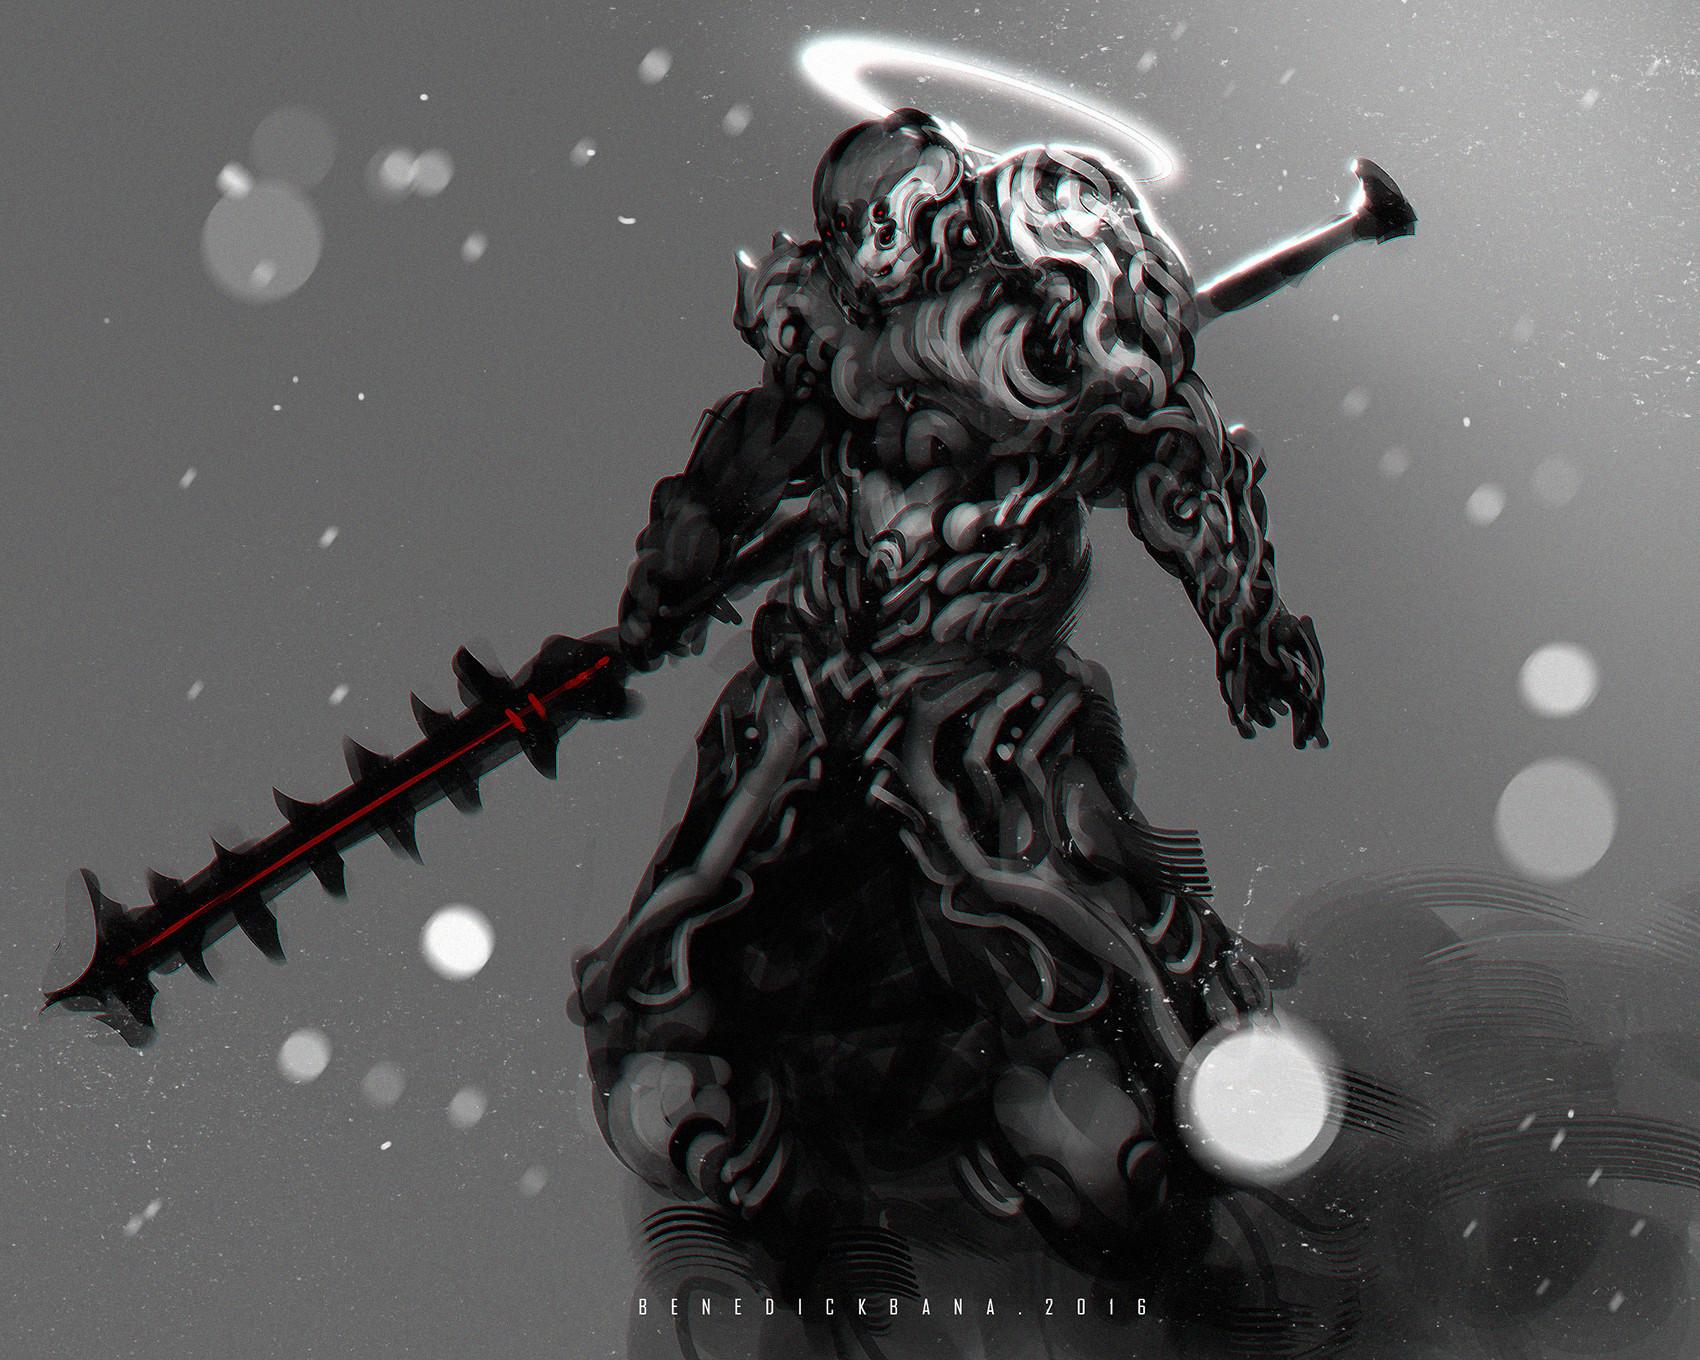 Benedick bana warlord lores